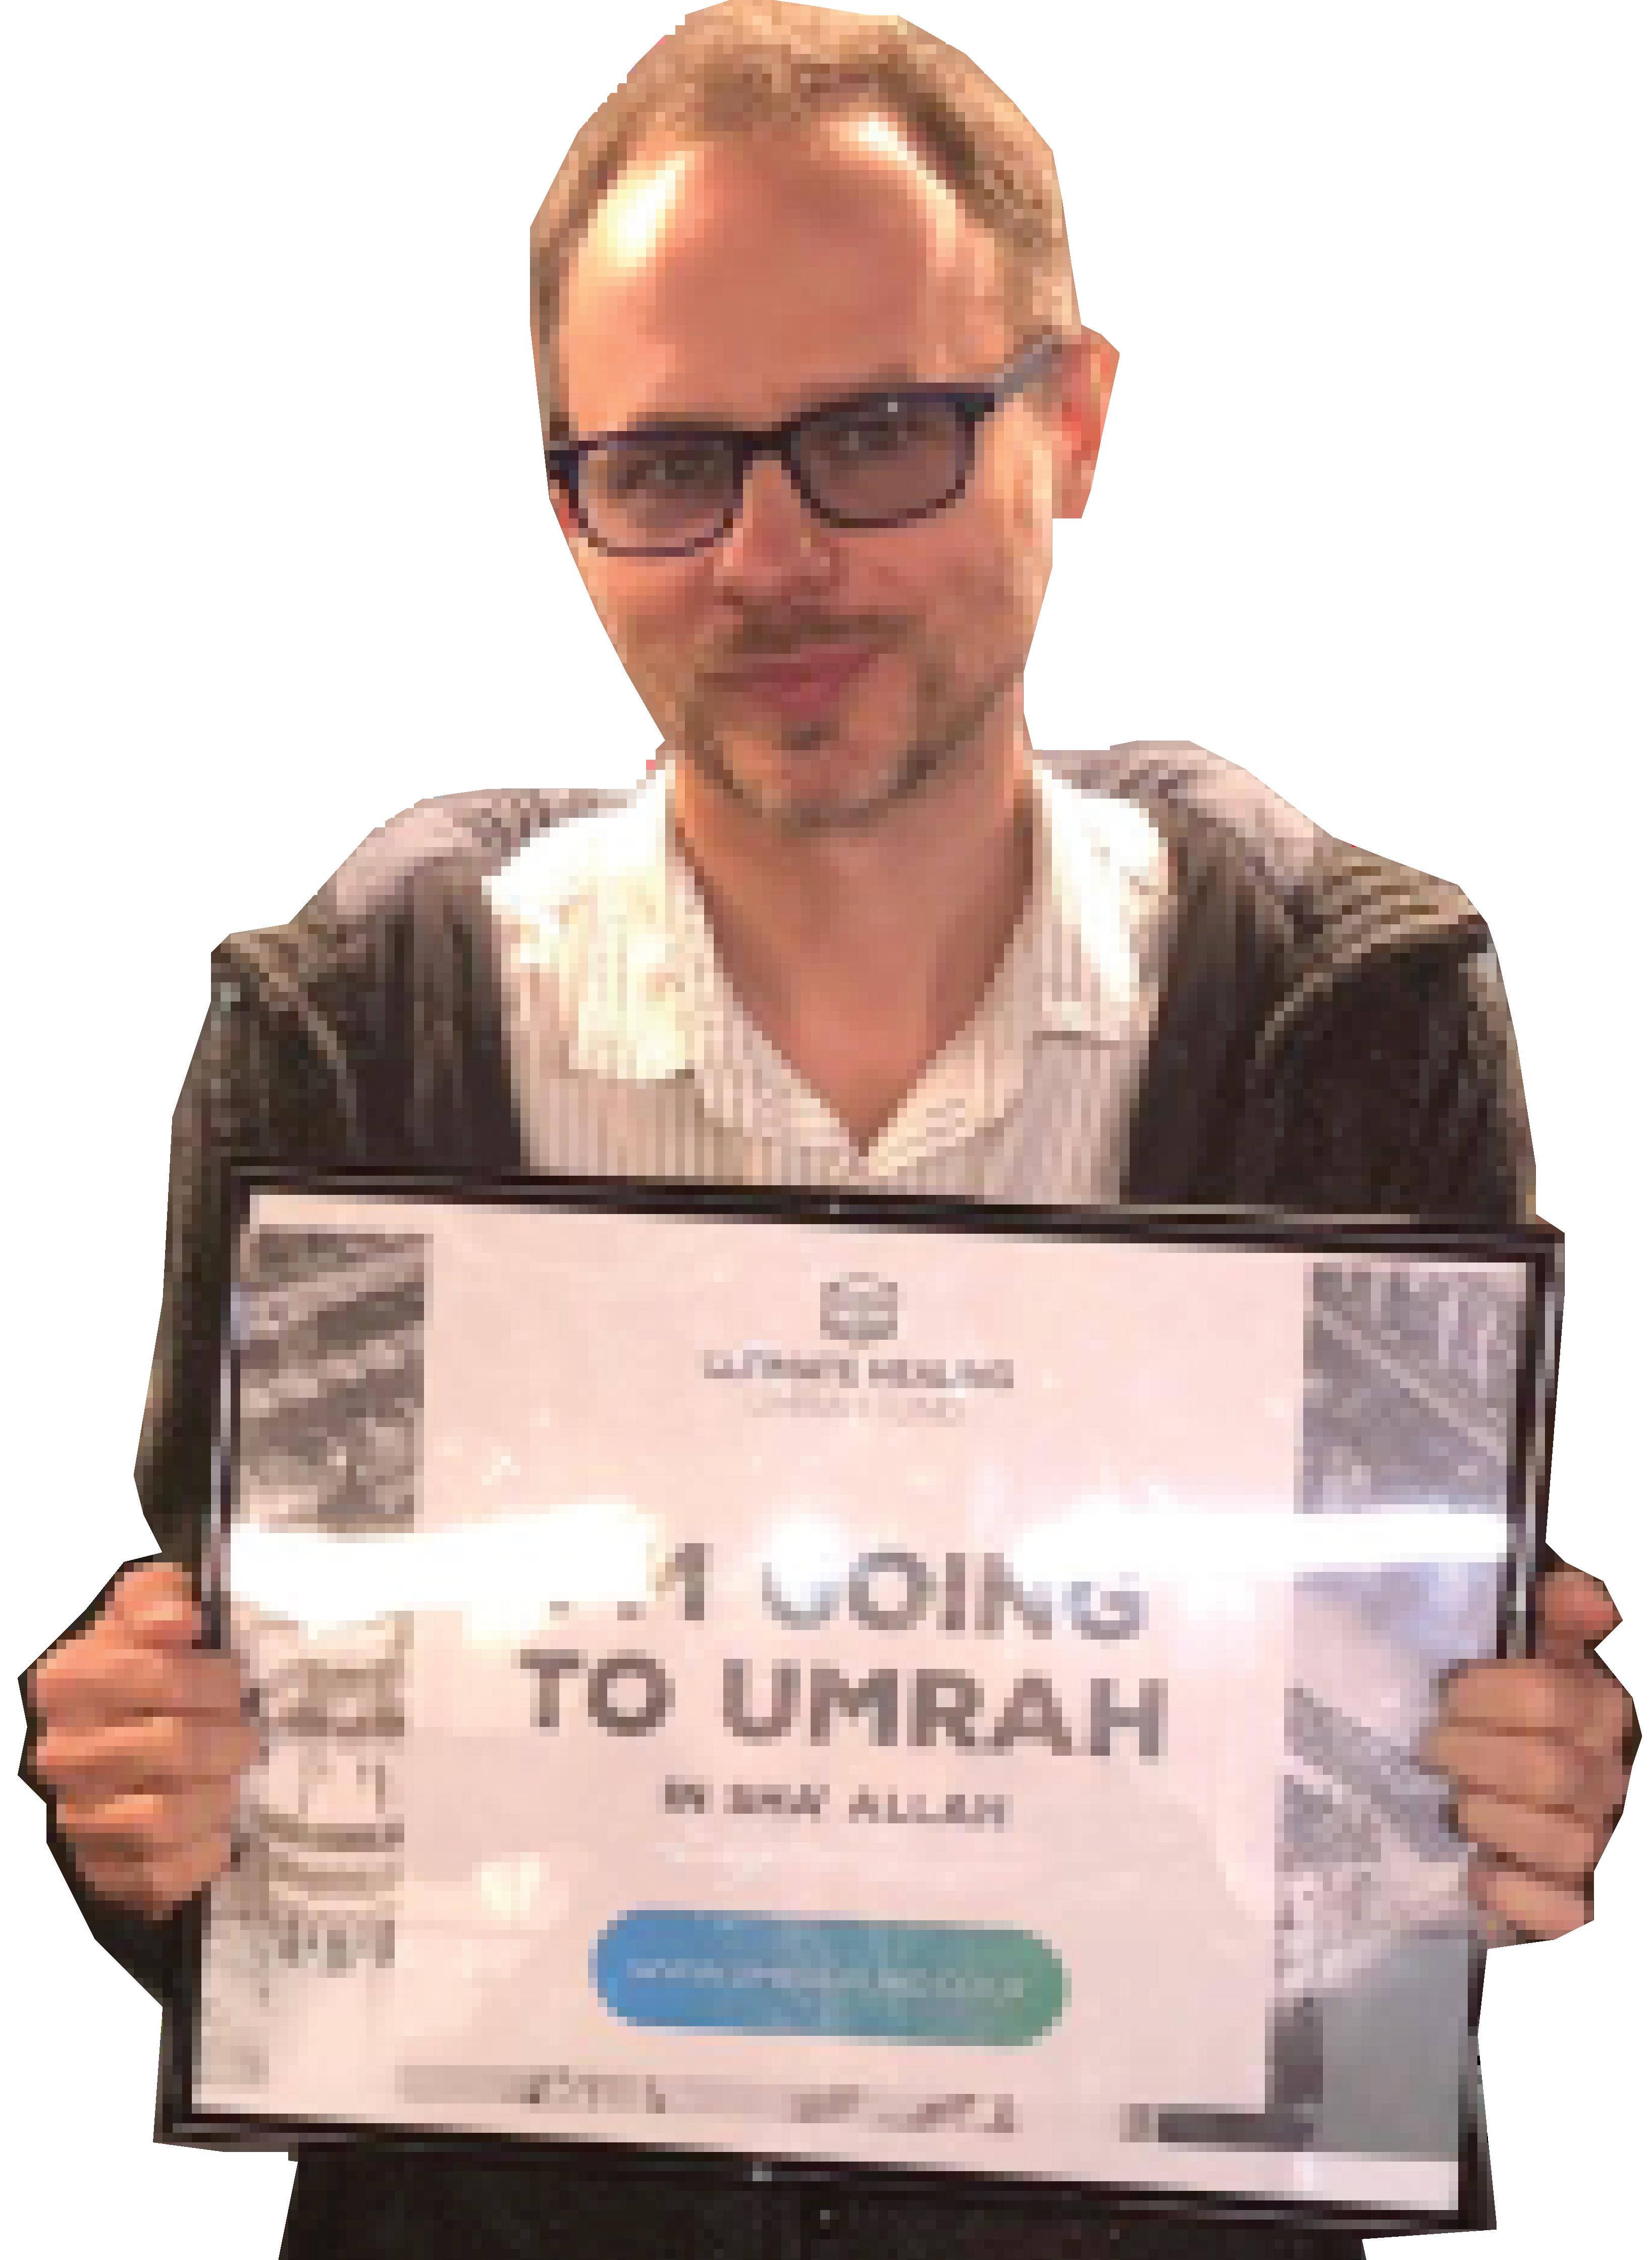 Peter Umrah Fund